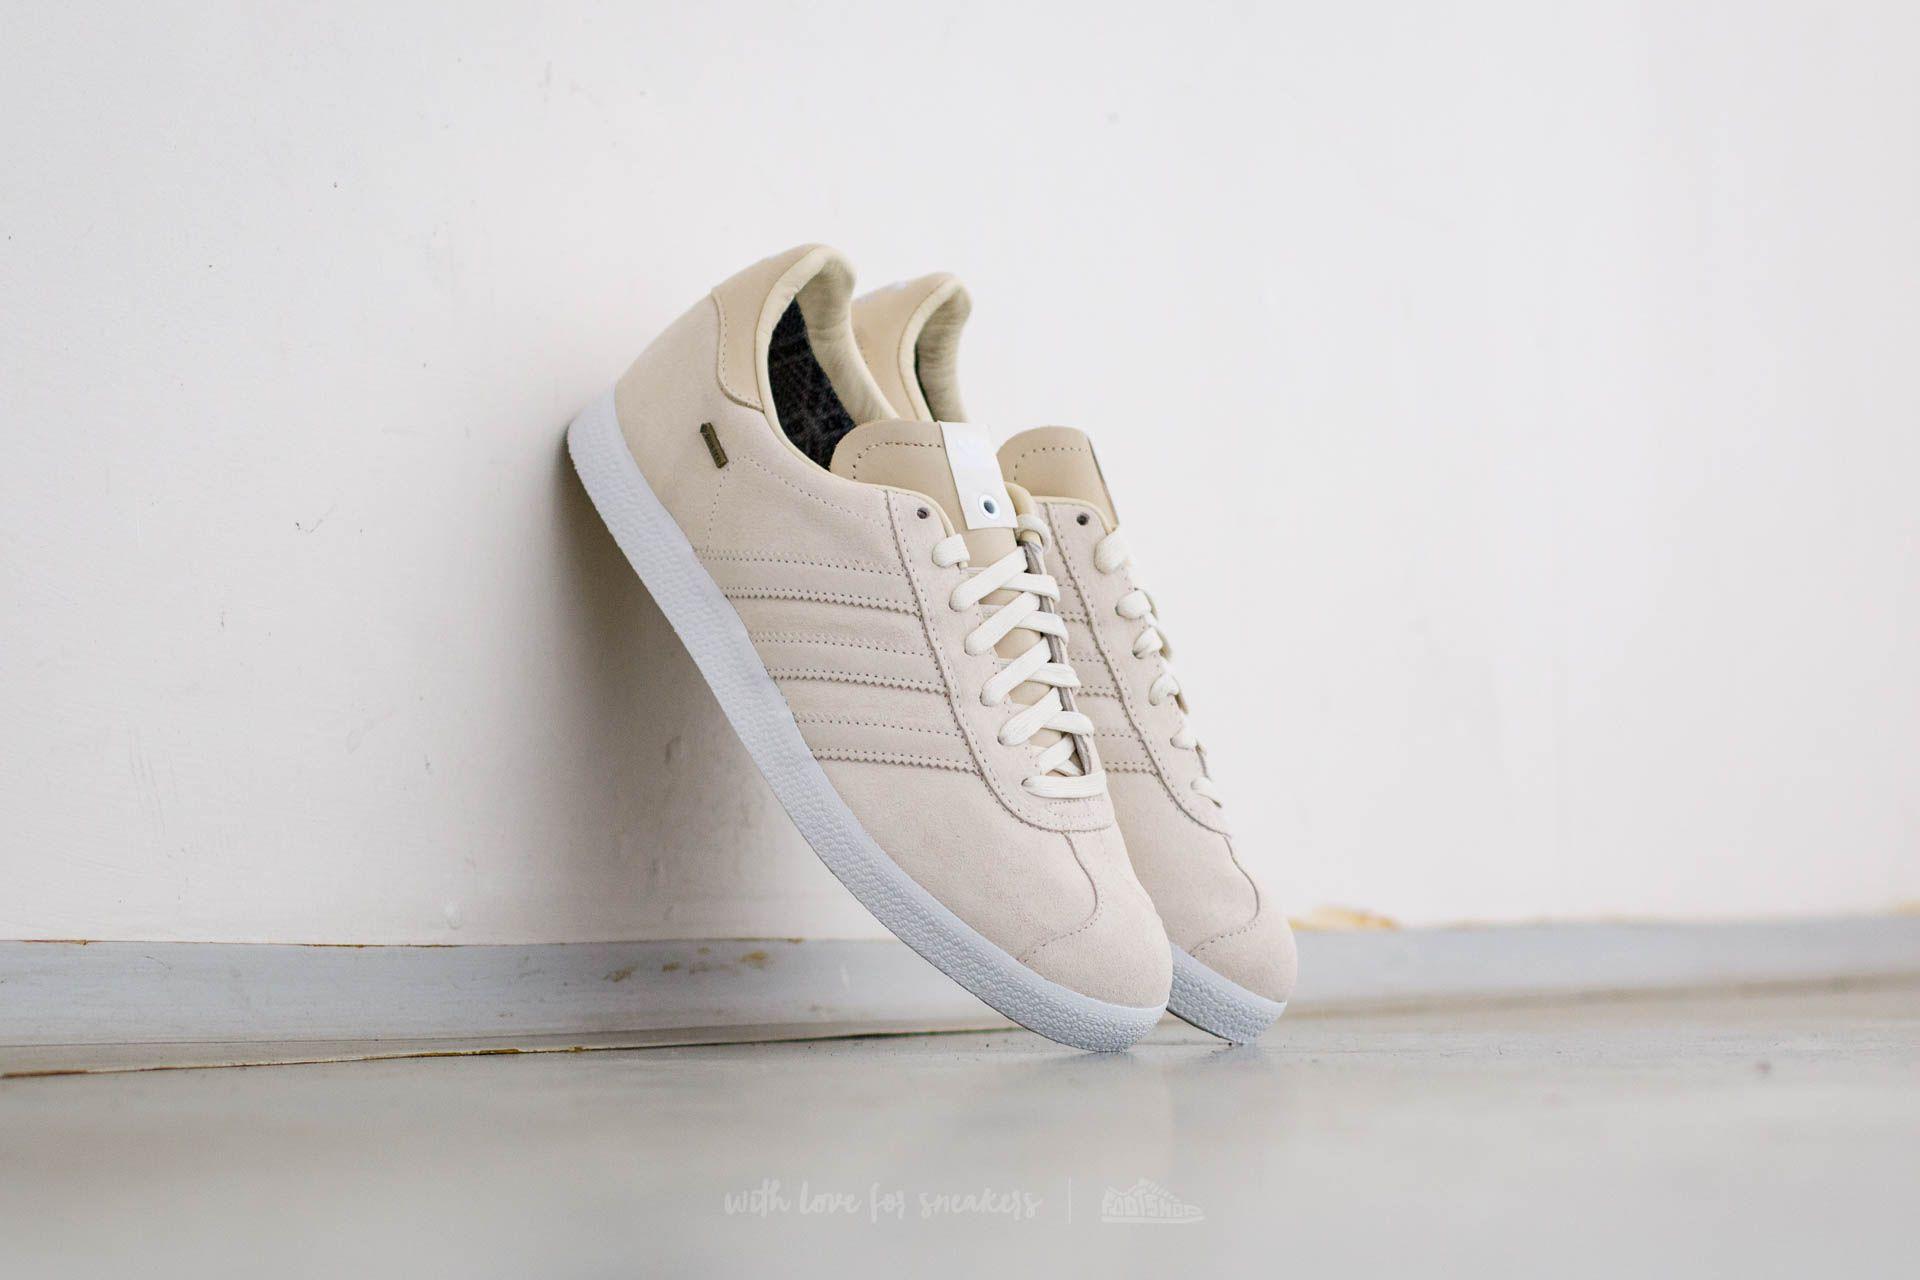 adidas Gazelle GTX ST ALFRED Off White  Chalk White  Ftw White ... 66830dd03